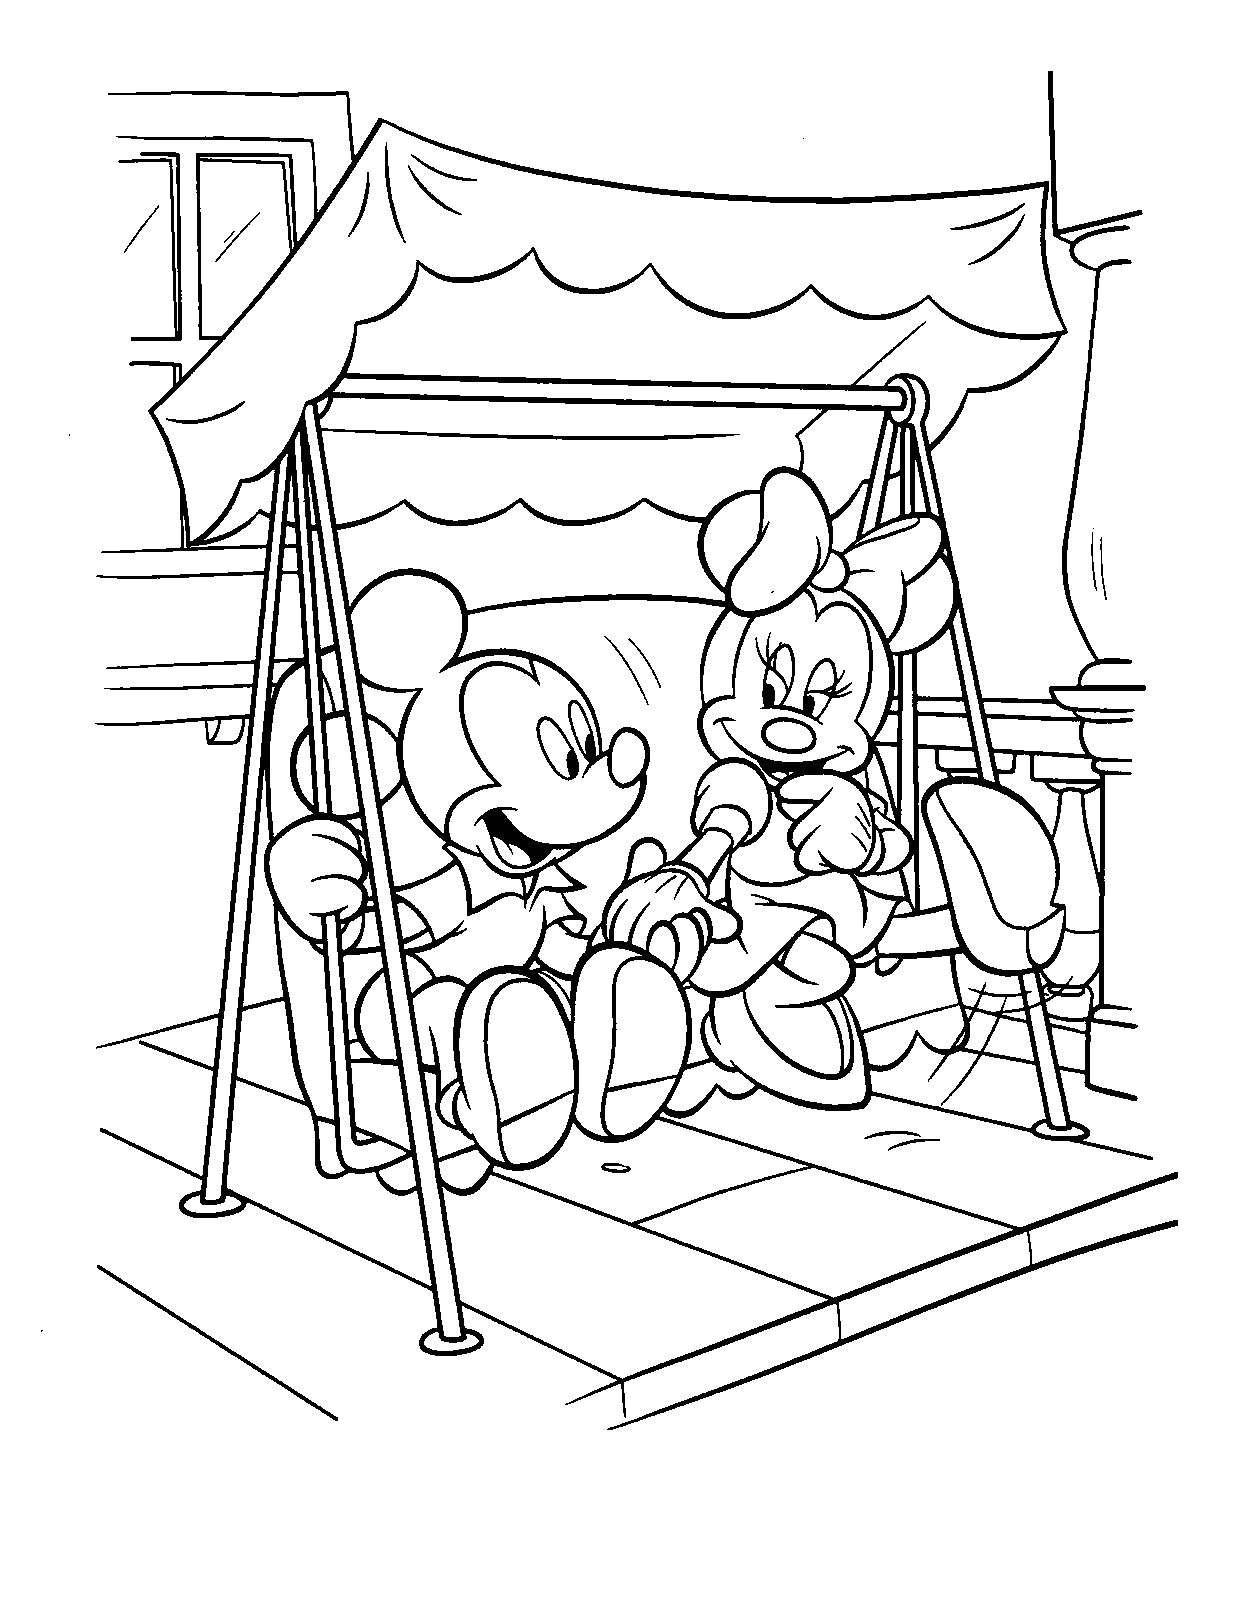 Minnie Mouse Malvorlage Frisch 35 Schön Mickey Mouse Ausmalbild – Große Coloring Page Sammlung Sammlung